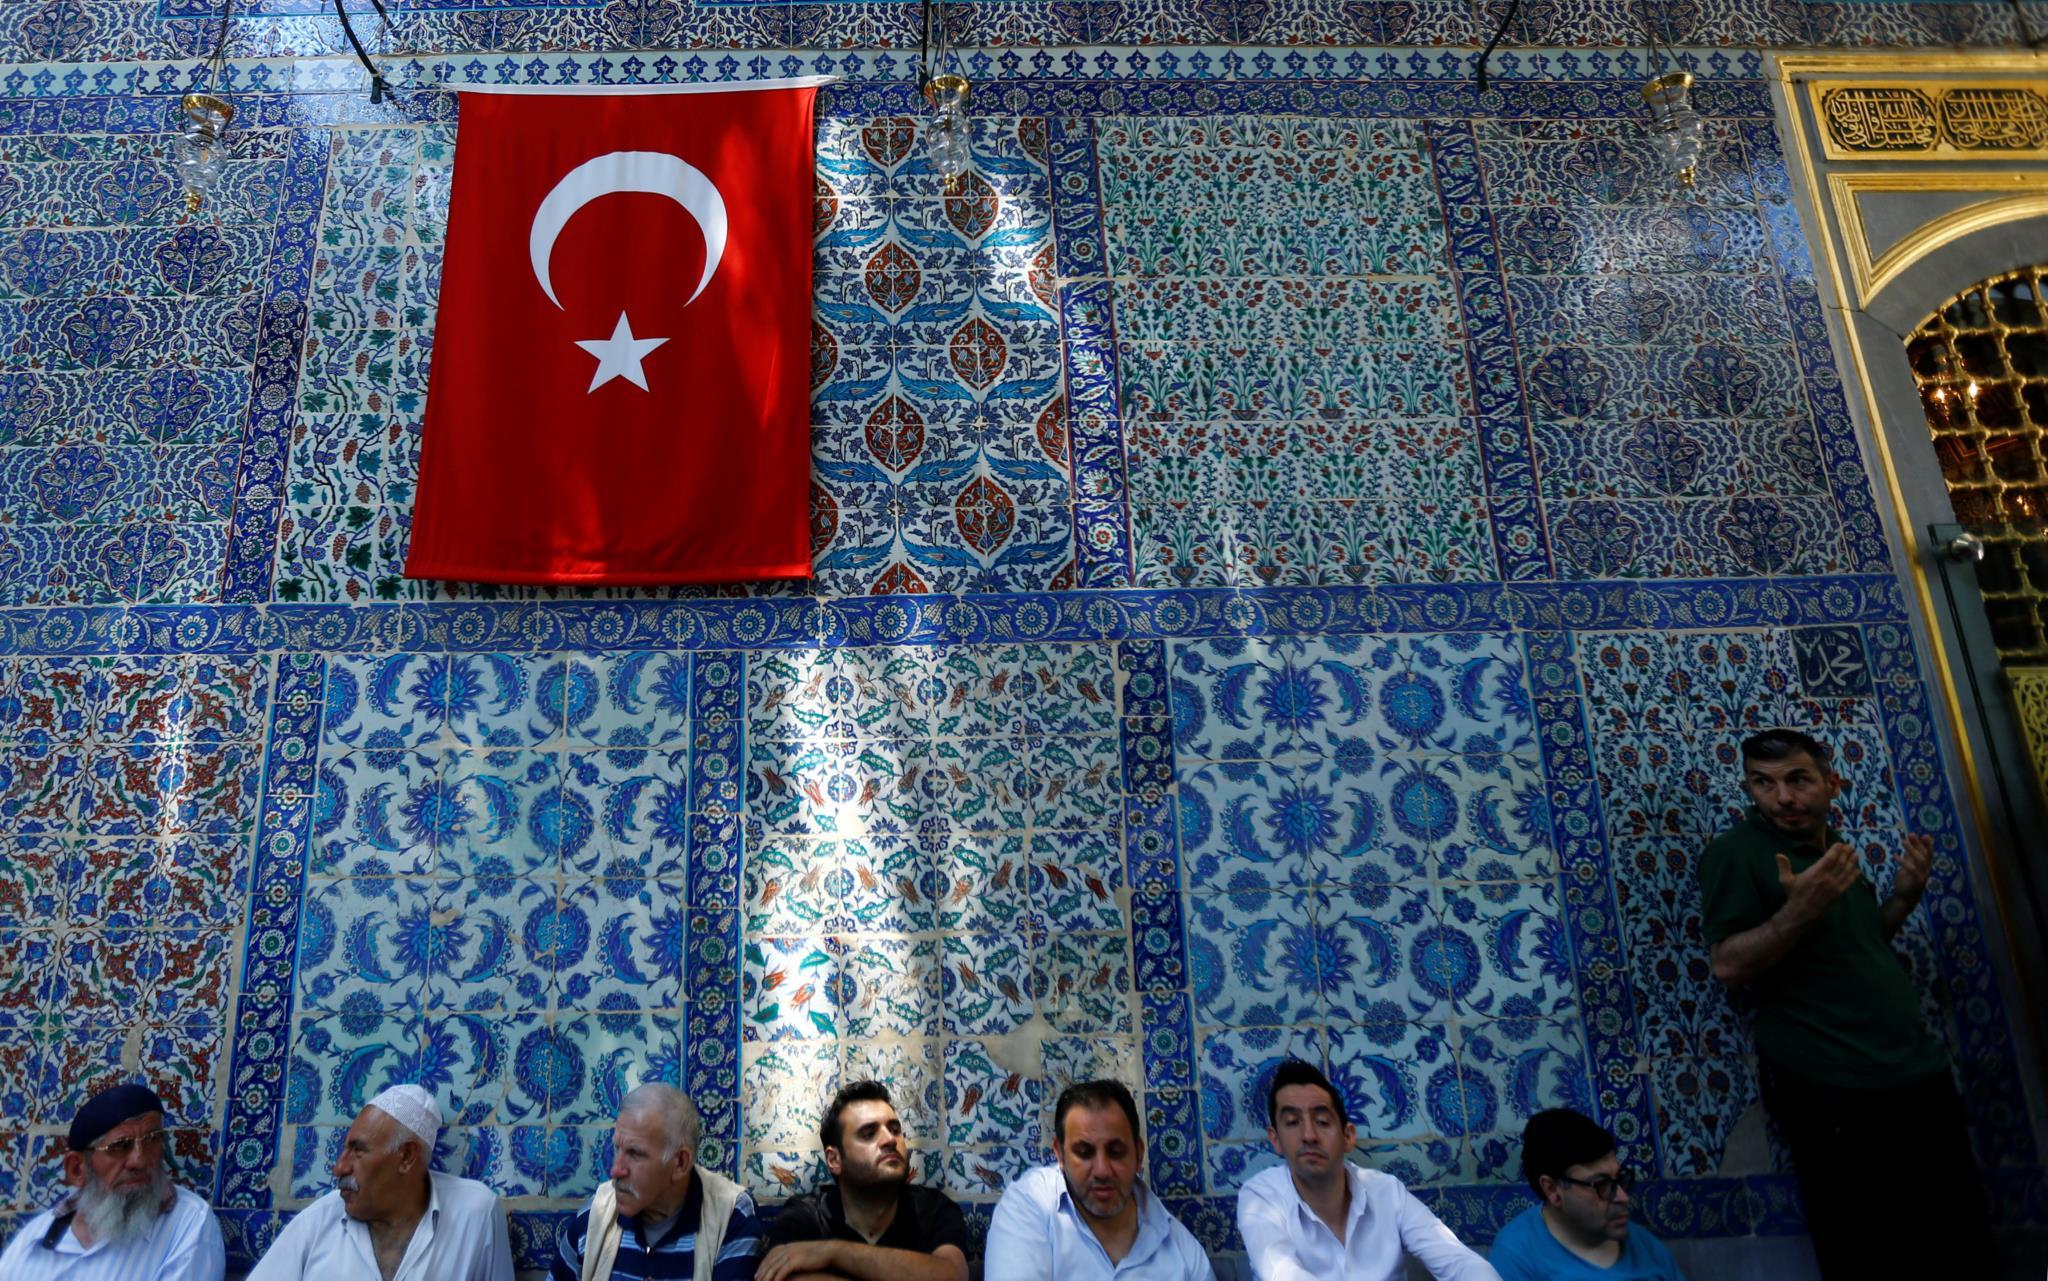 PÚBLICO - Escolas turcas vão deixar de ensinar a teoria da evolução de Darwin